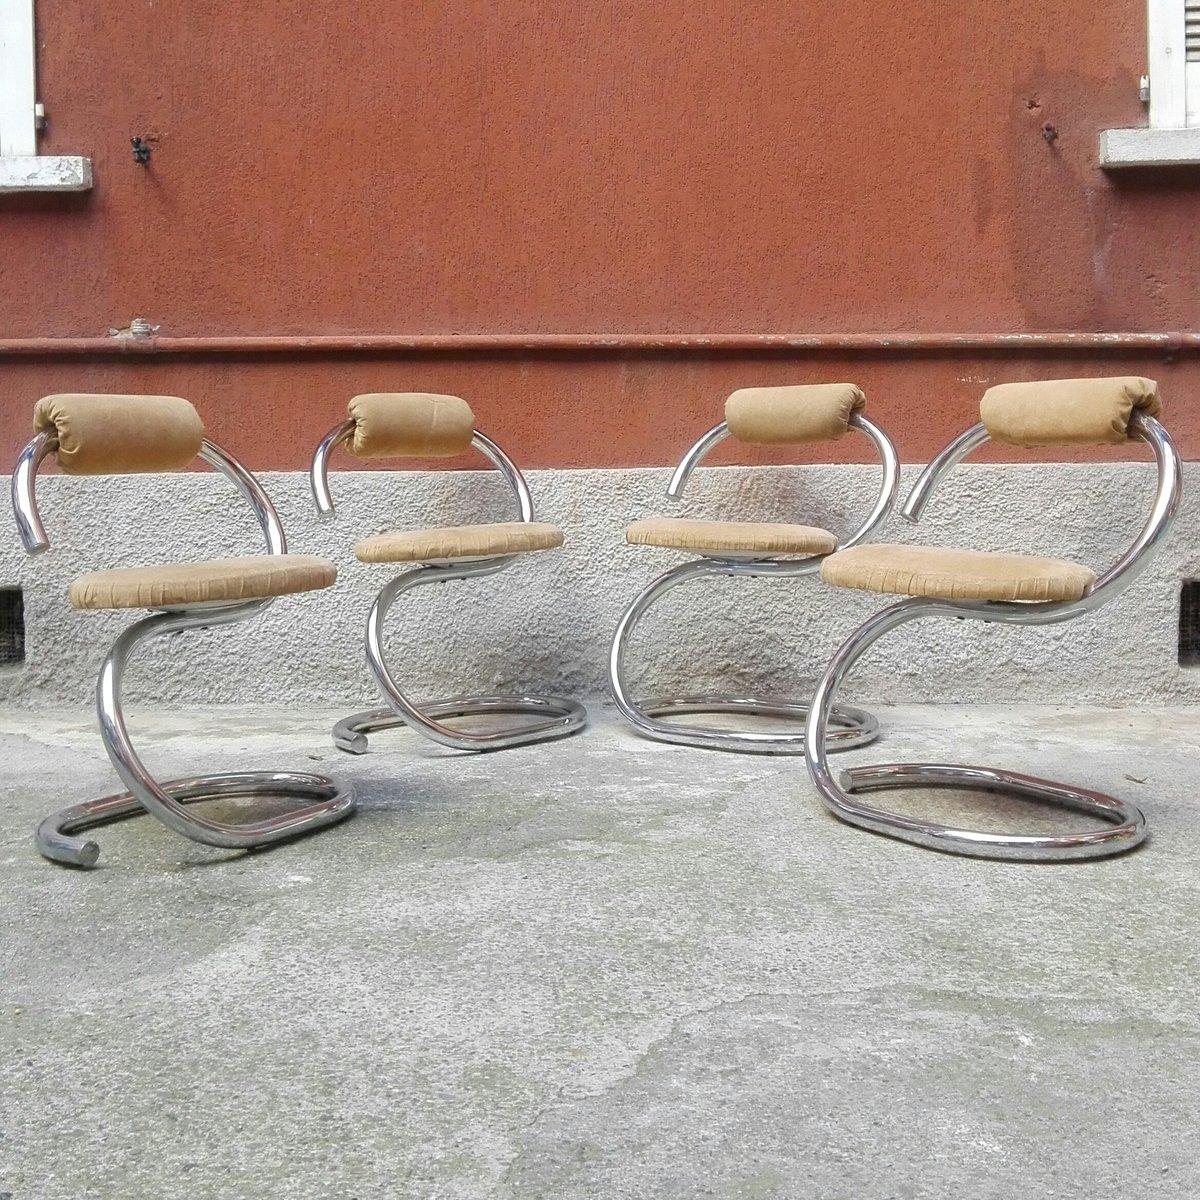 Sedie da pranzo scultoree di giotto stoppino italia set for Sedie da pranzo